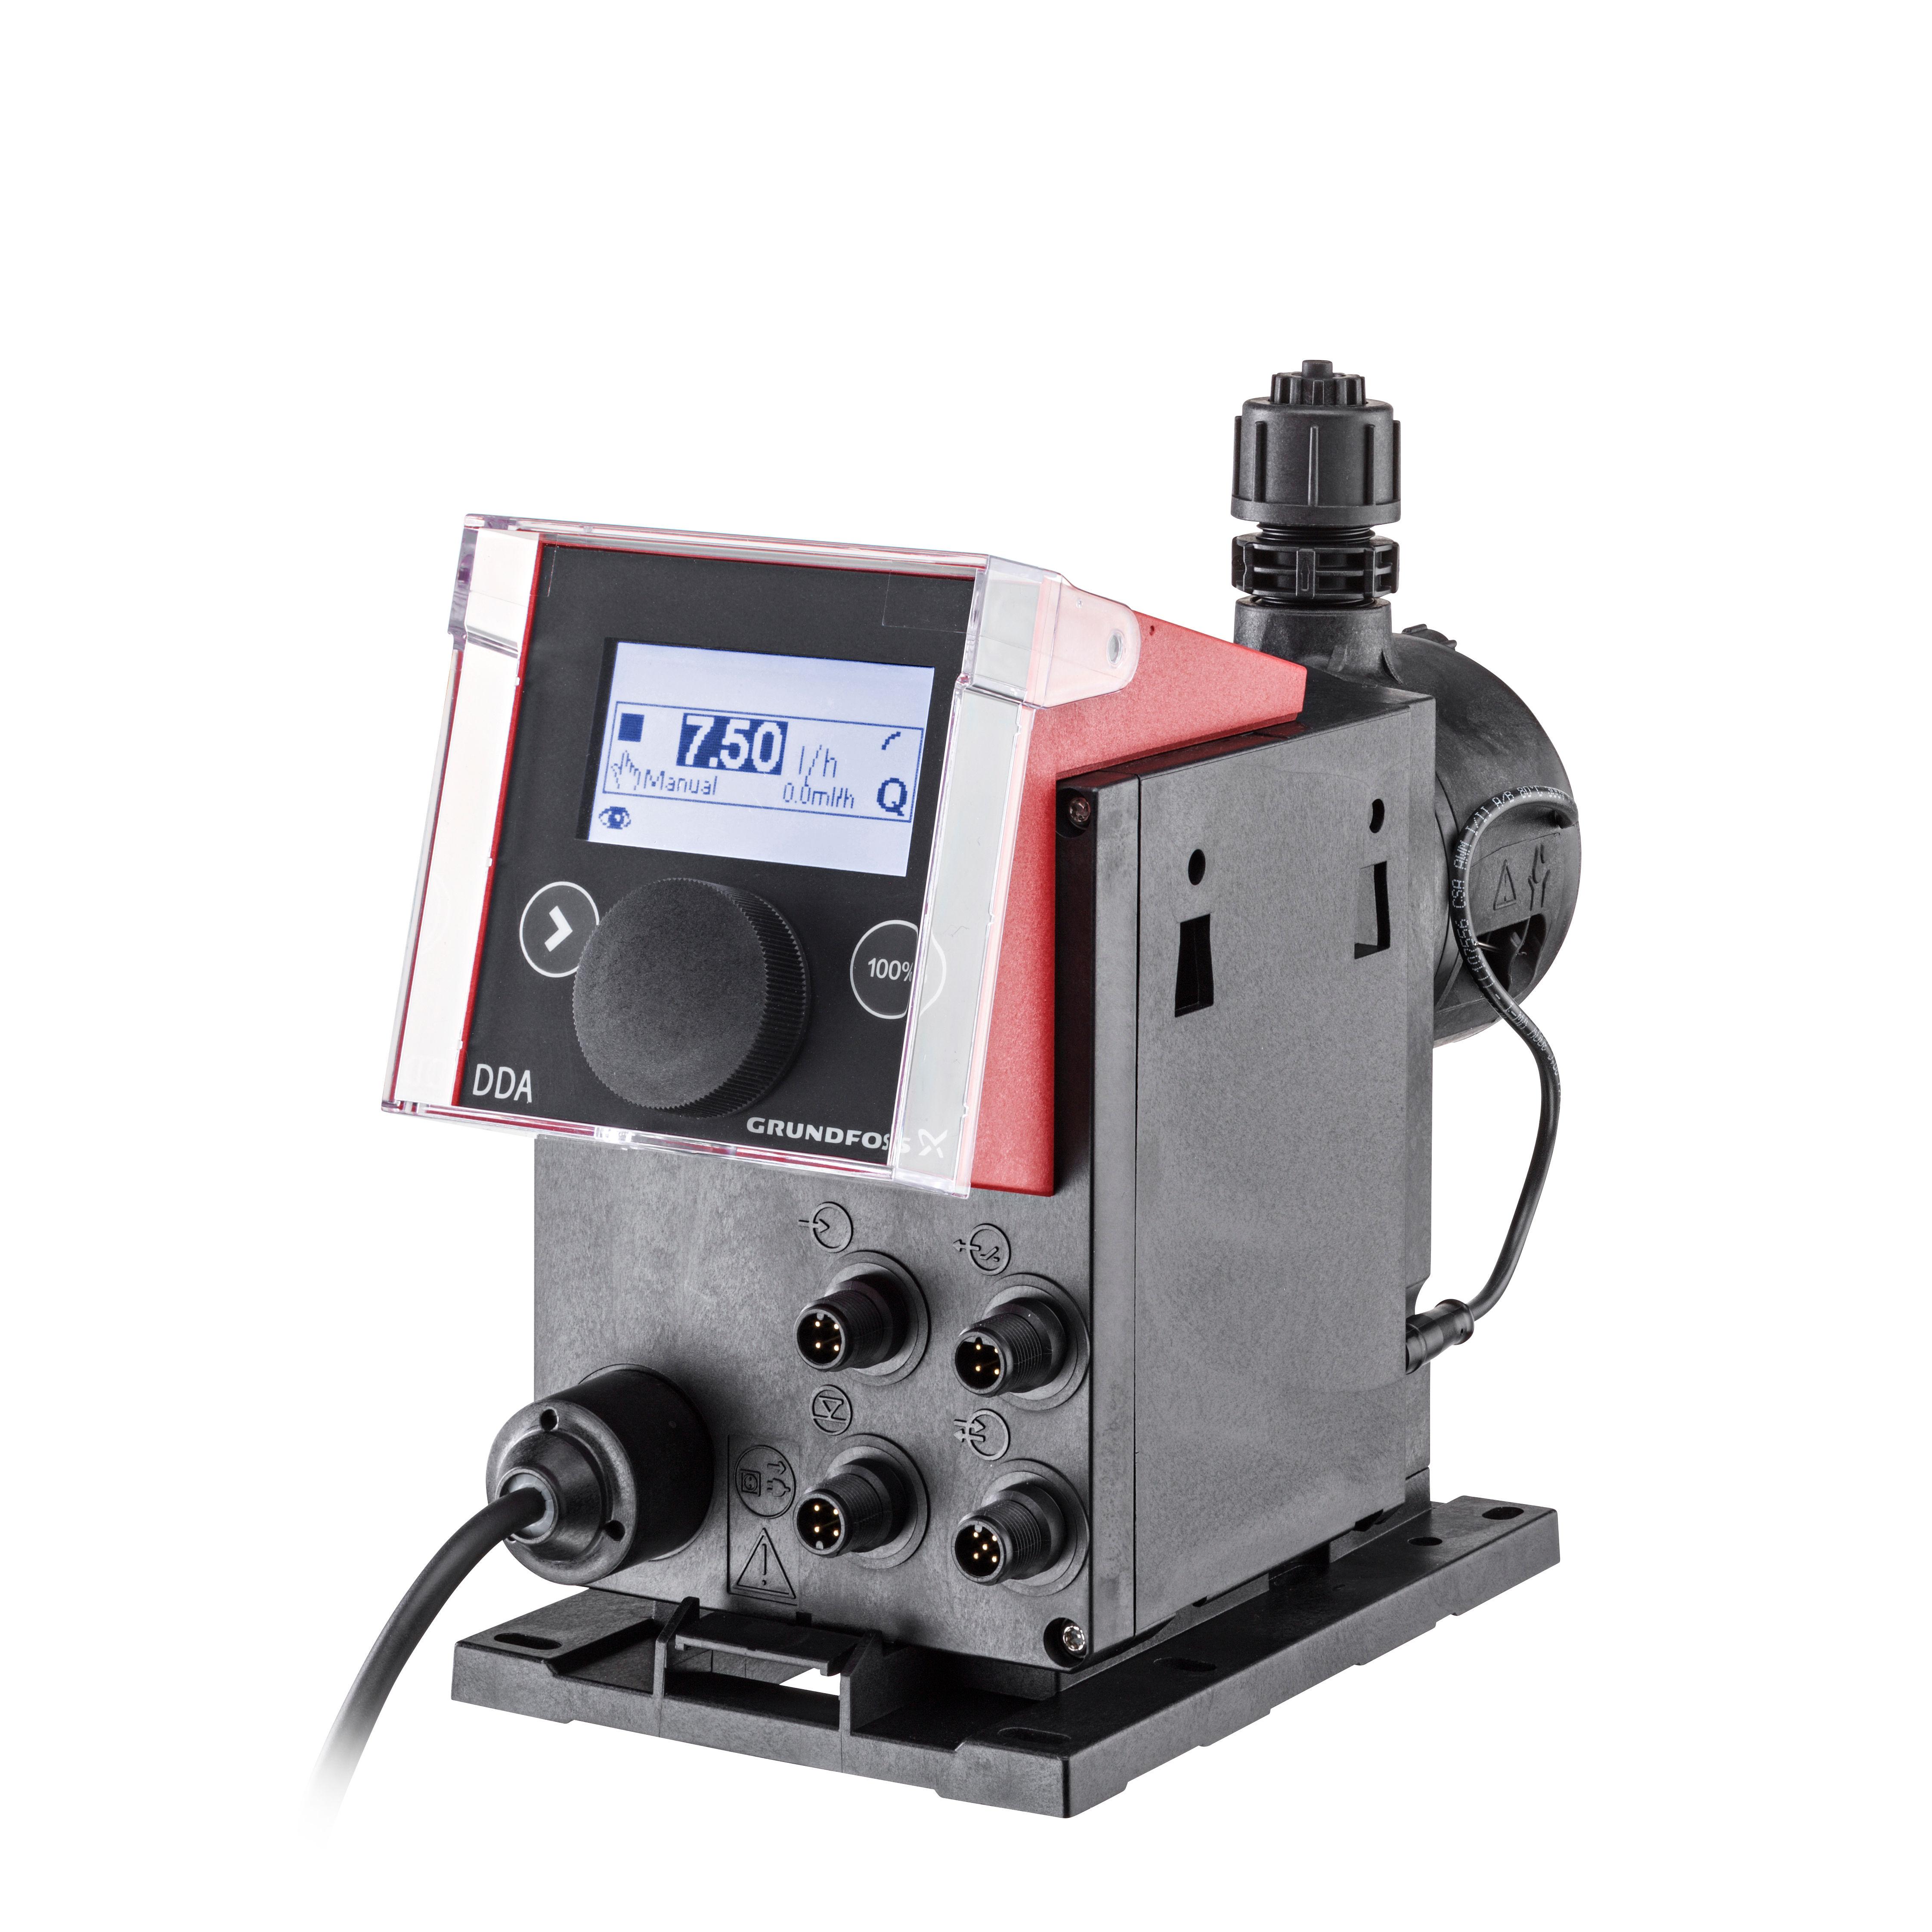 Grundfos DDA 200-4 FCM Schrittmotorpumpe